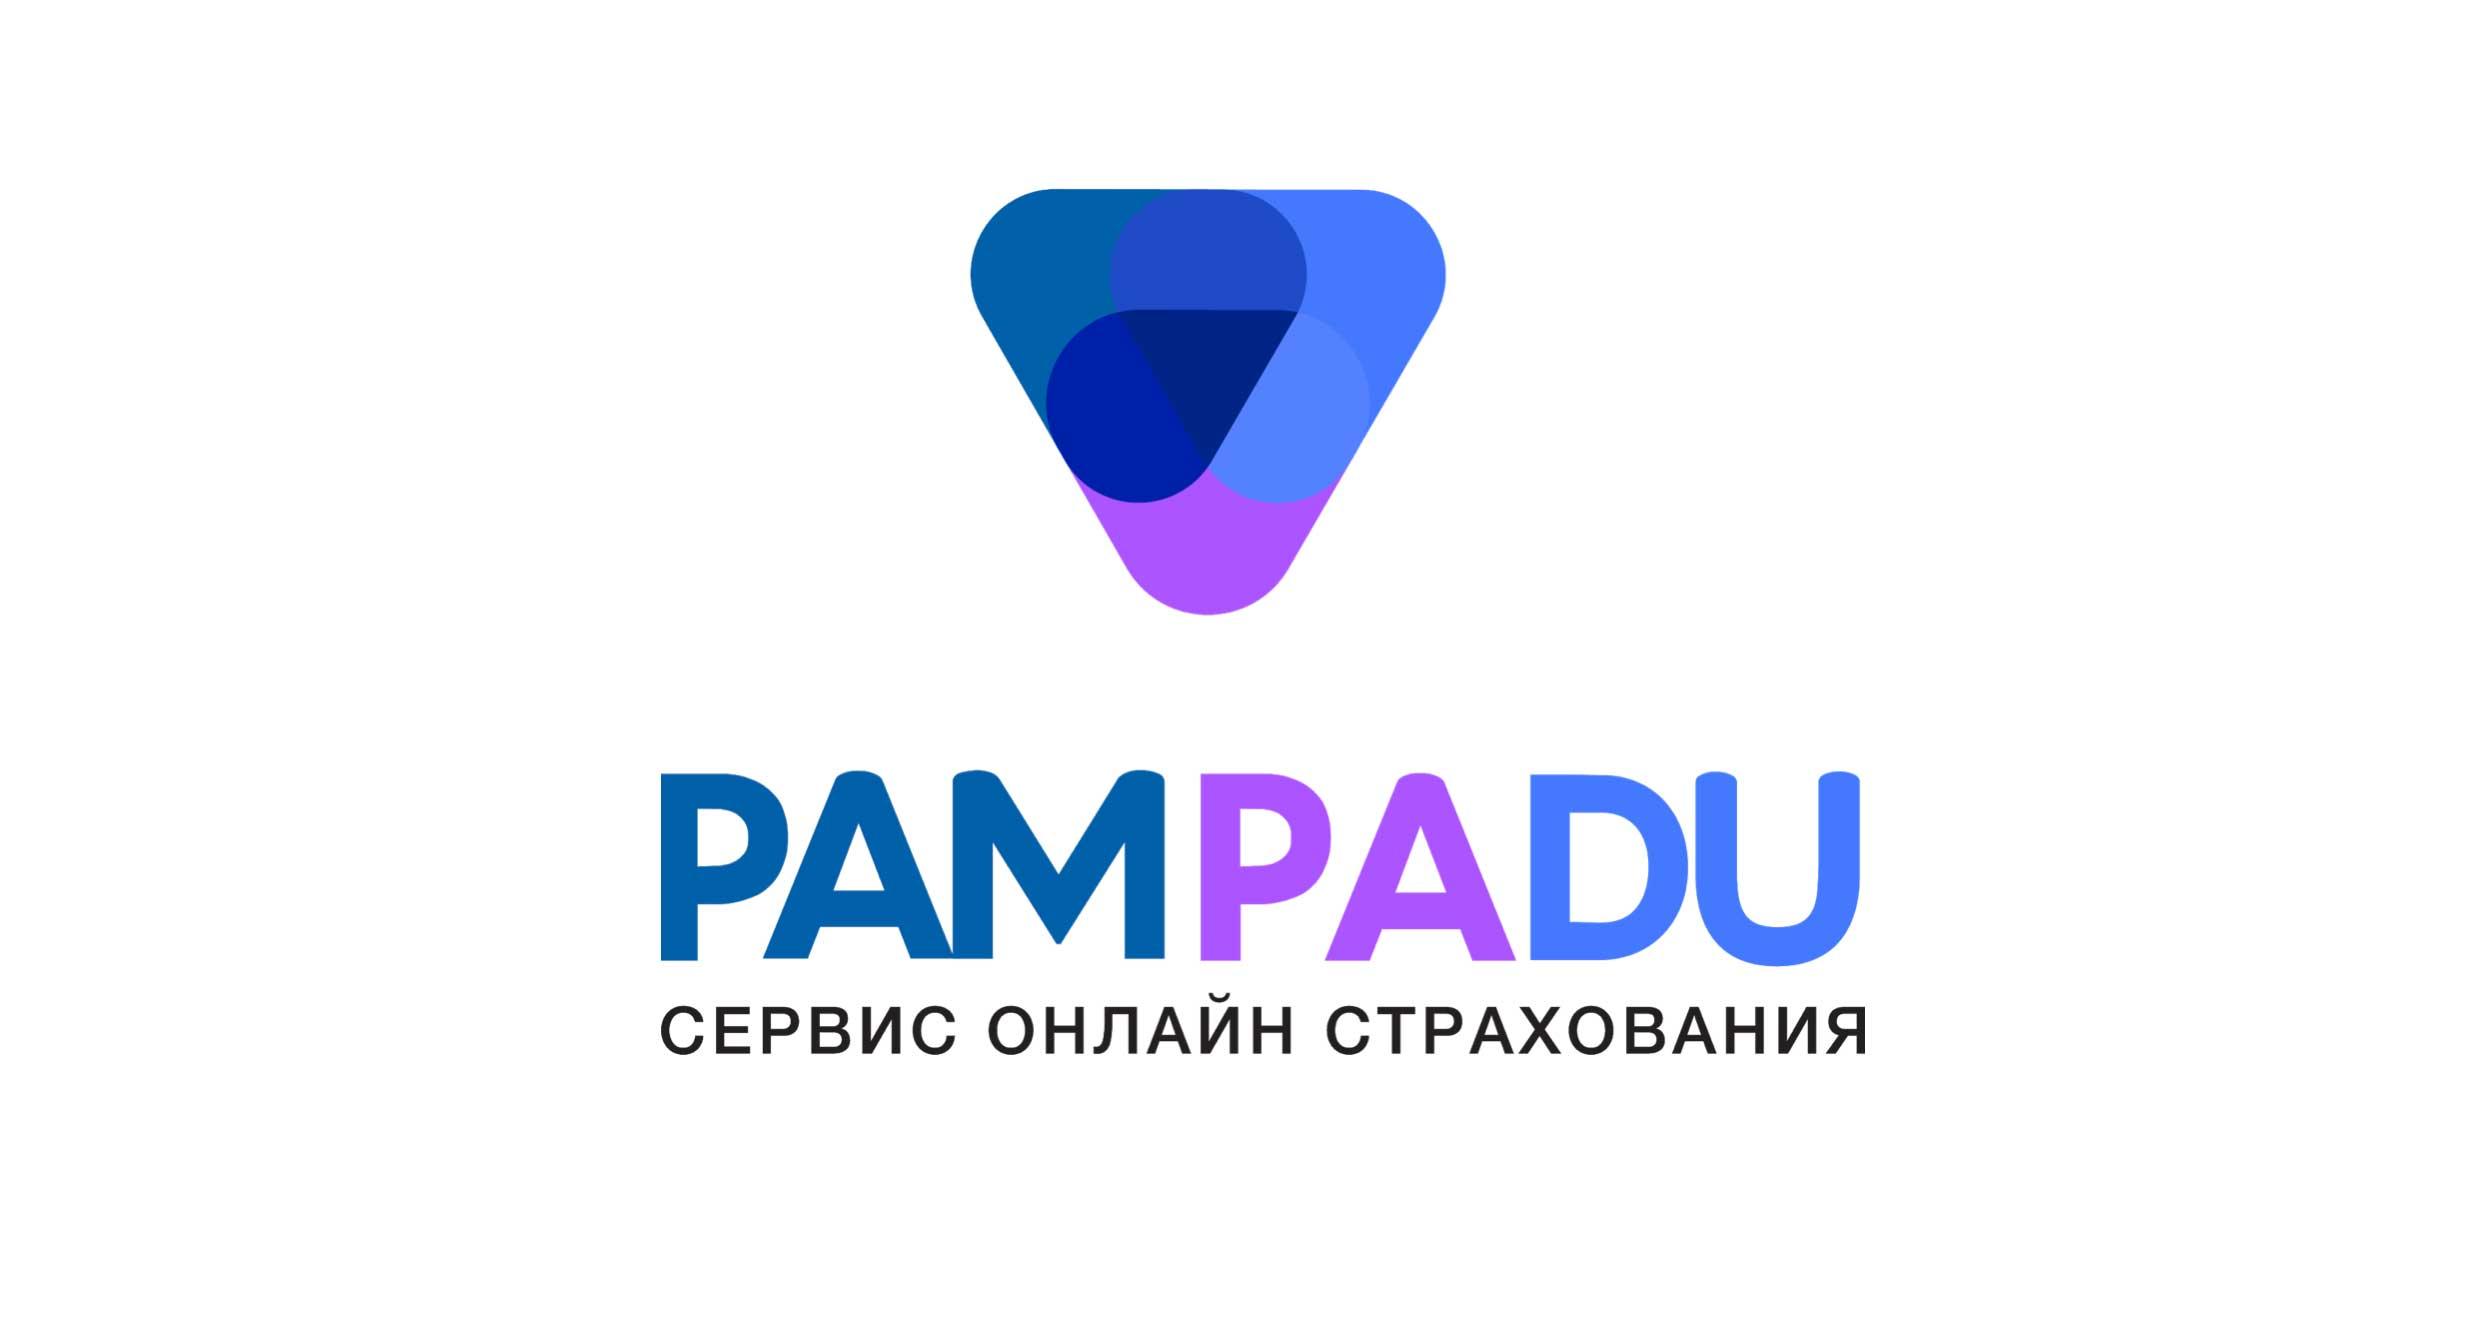 Как стать страховым агентом в Pampadu.ru?